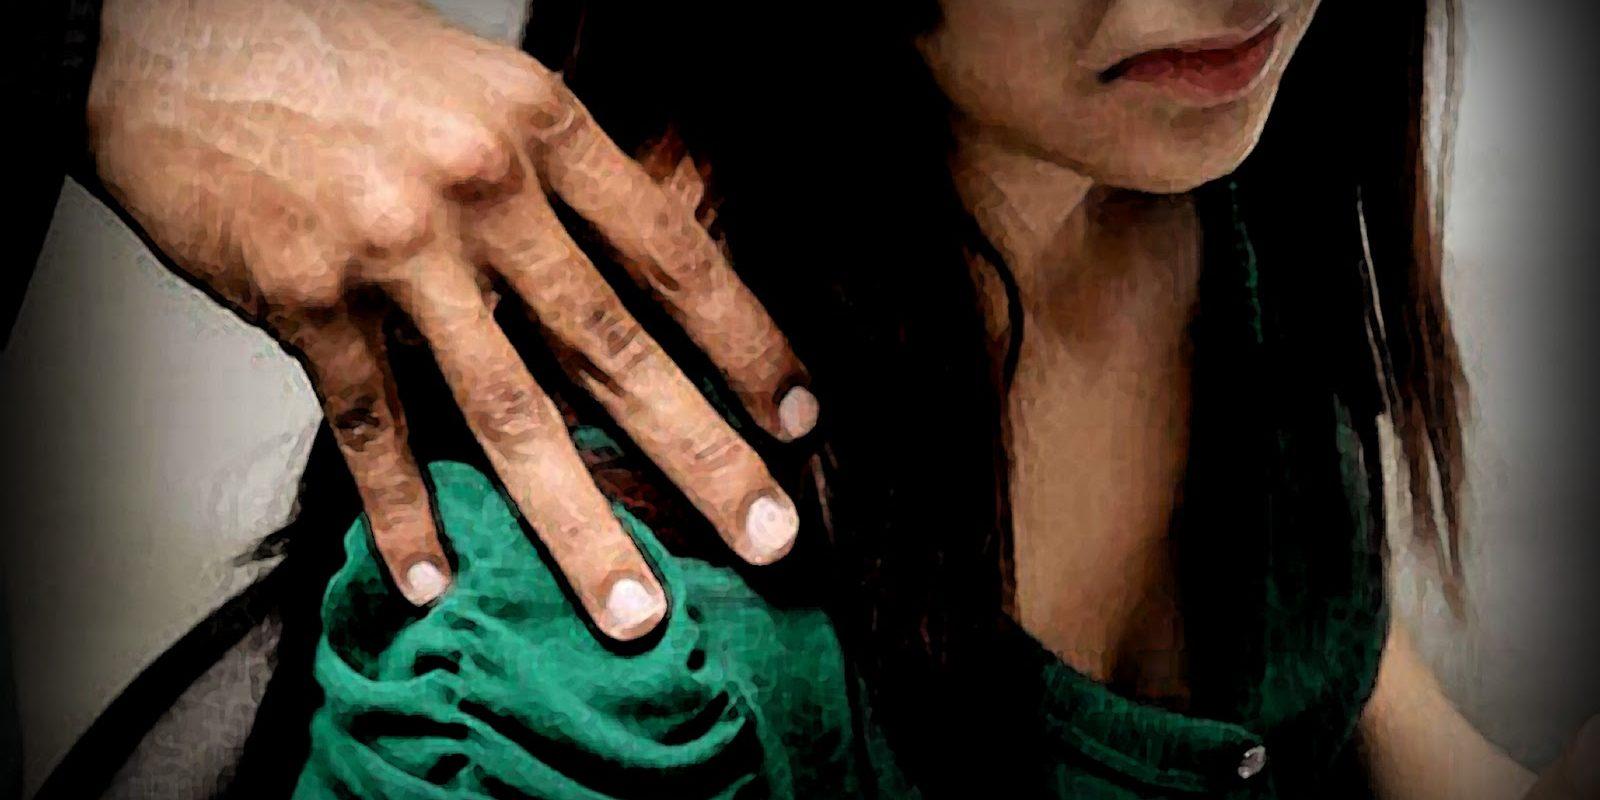 Desde los 8, coahuilense era abusada por su padrastro; denunció hasta 10 años después